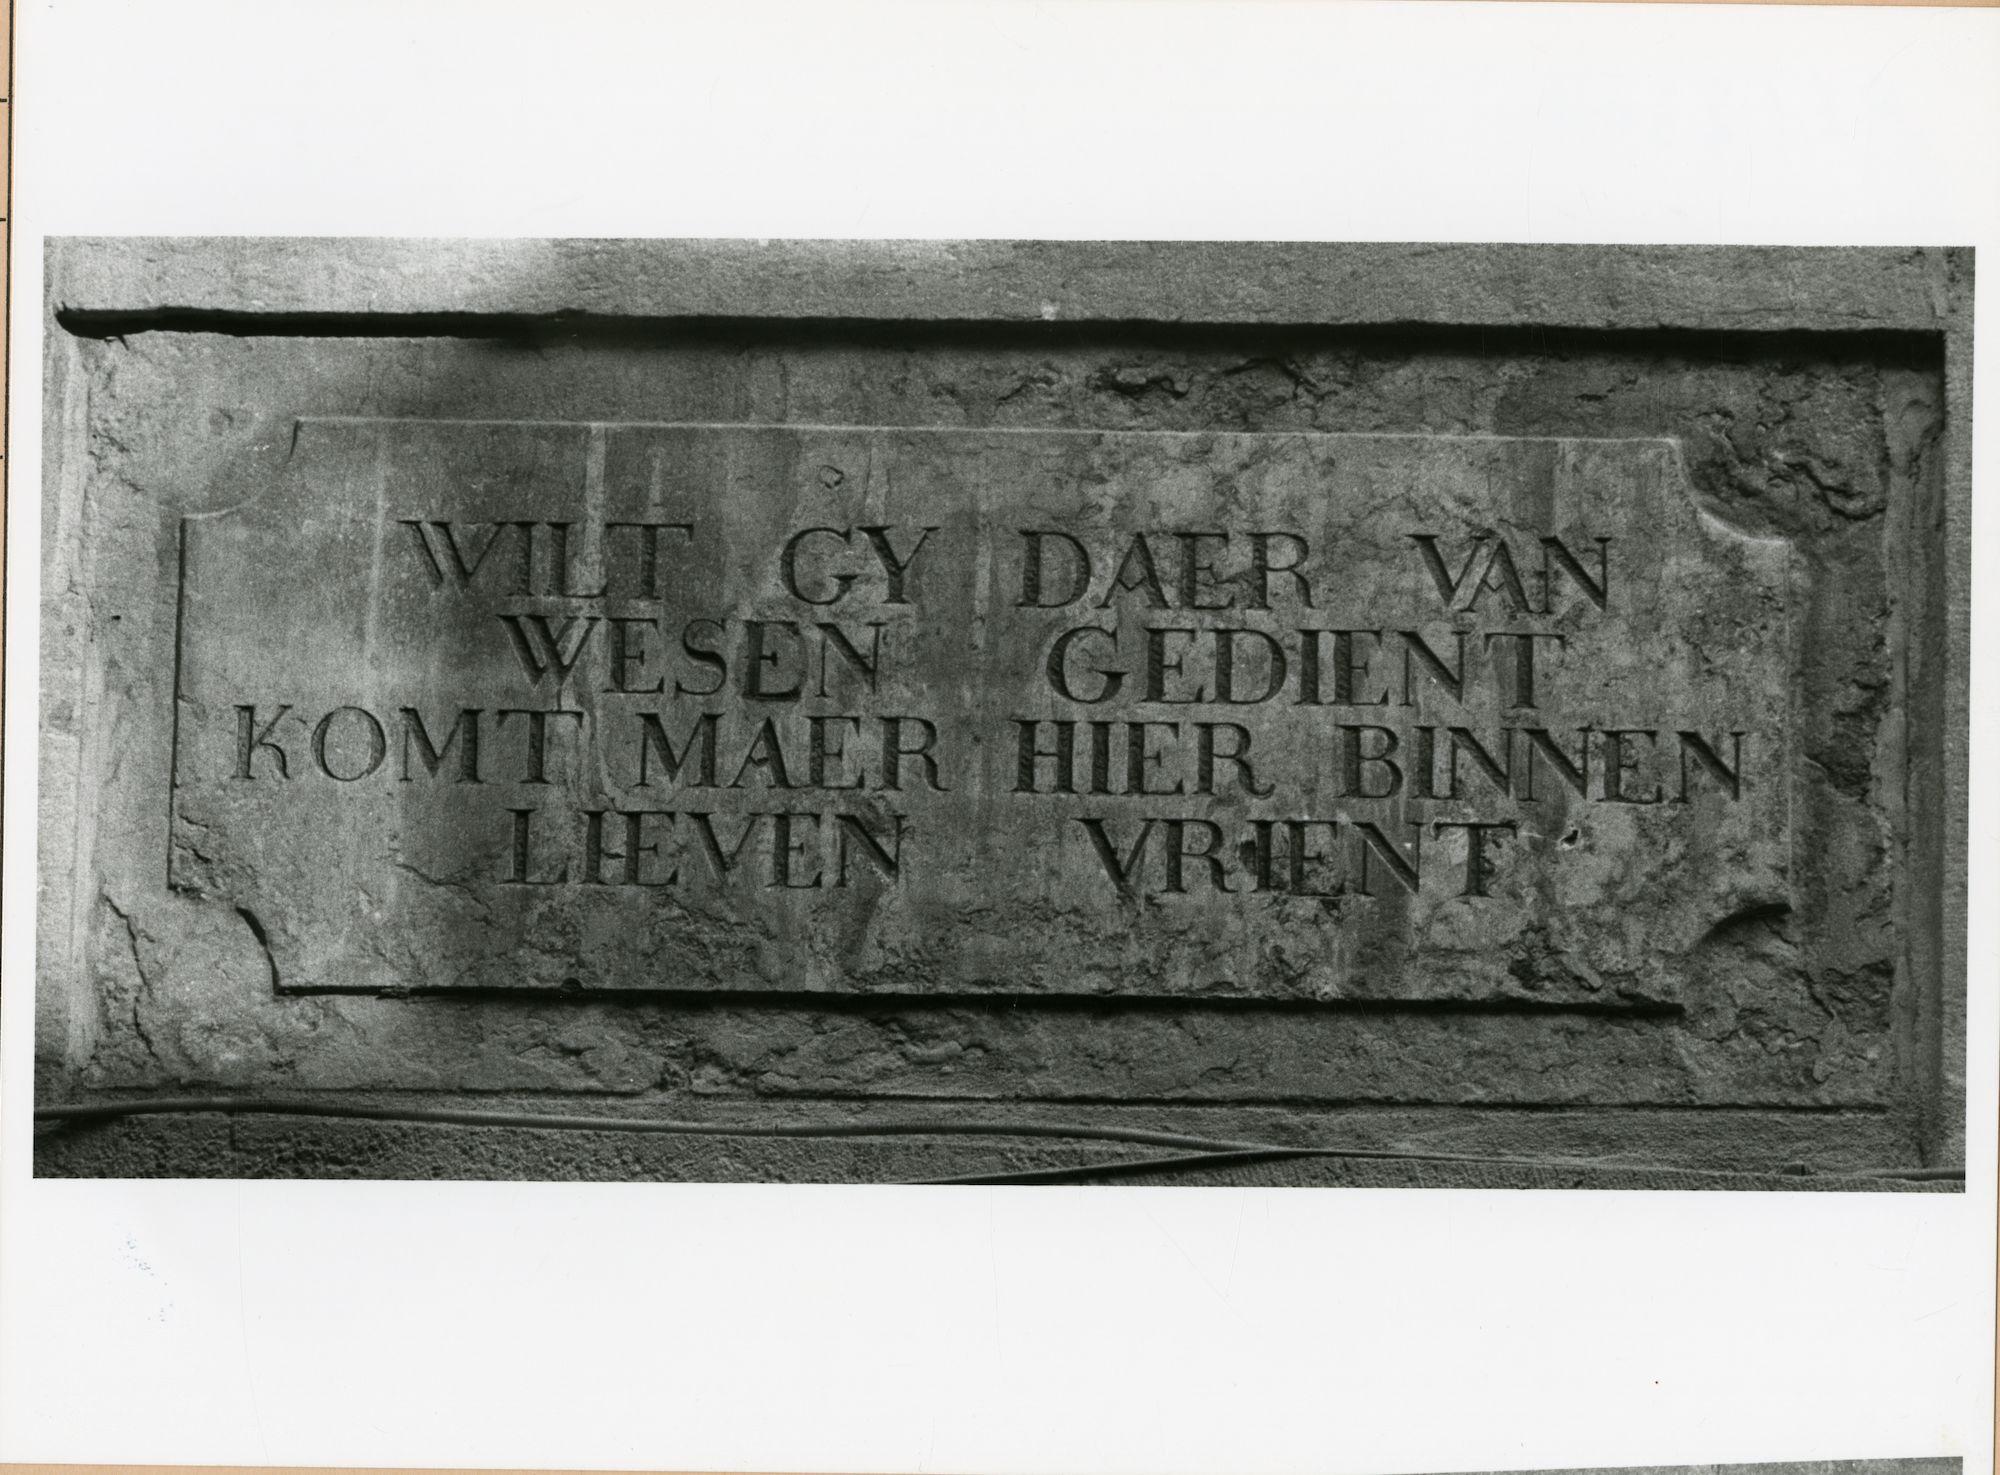 Gent: Lange Munt 3-5: Gevelsteen, 1981